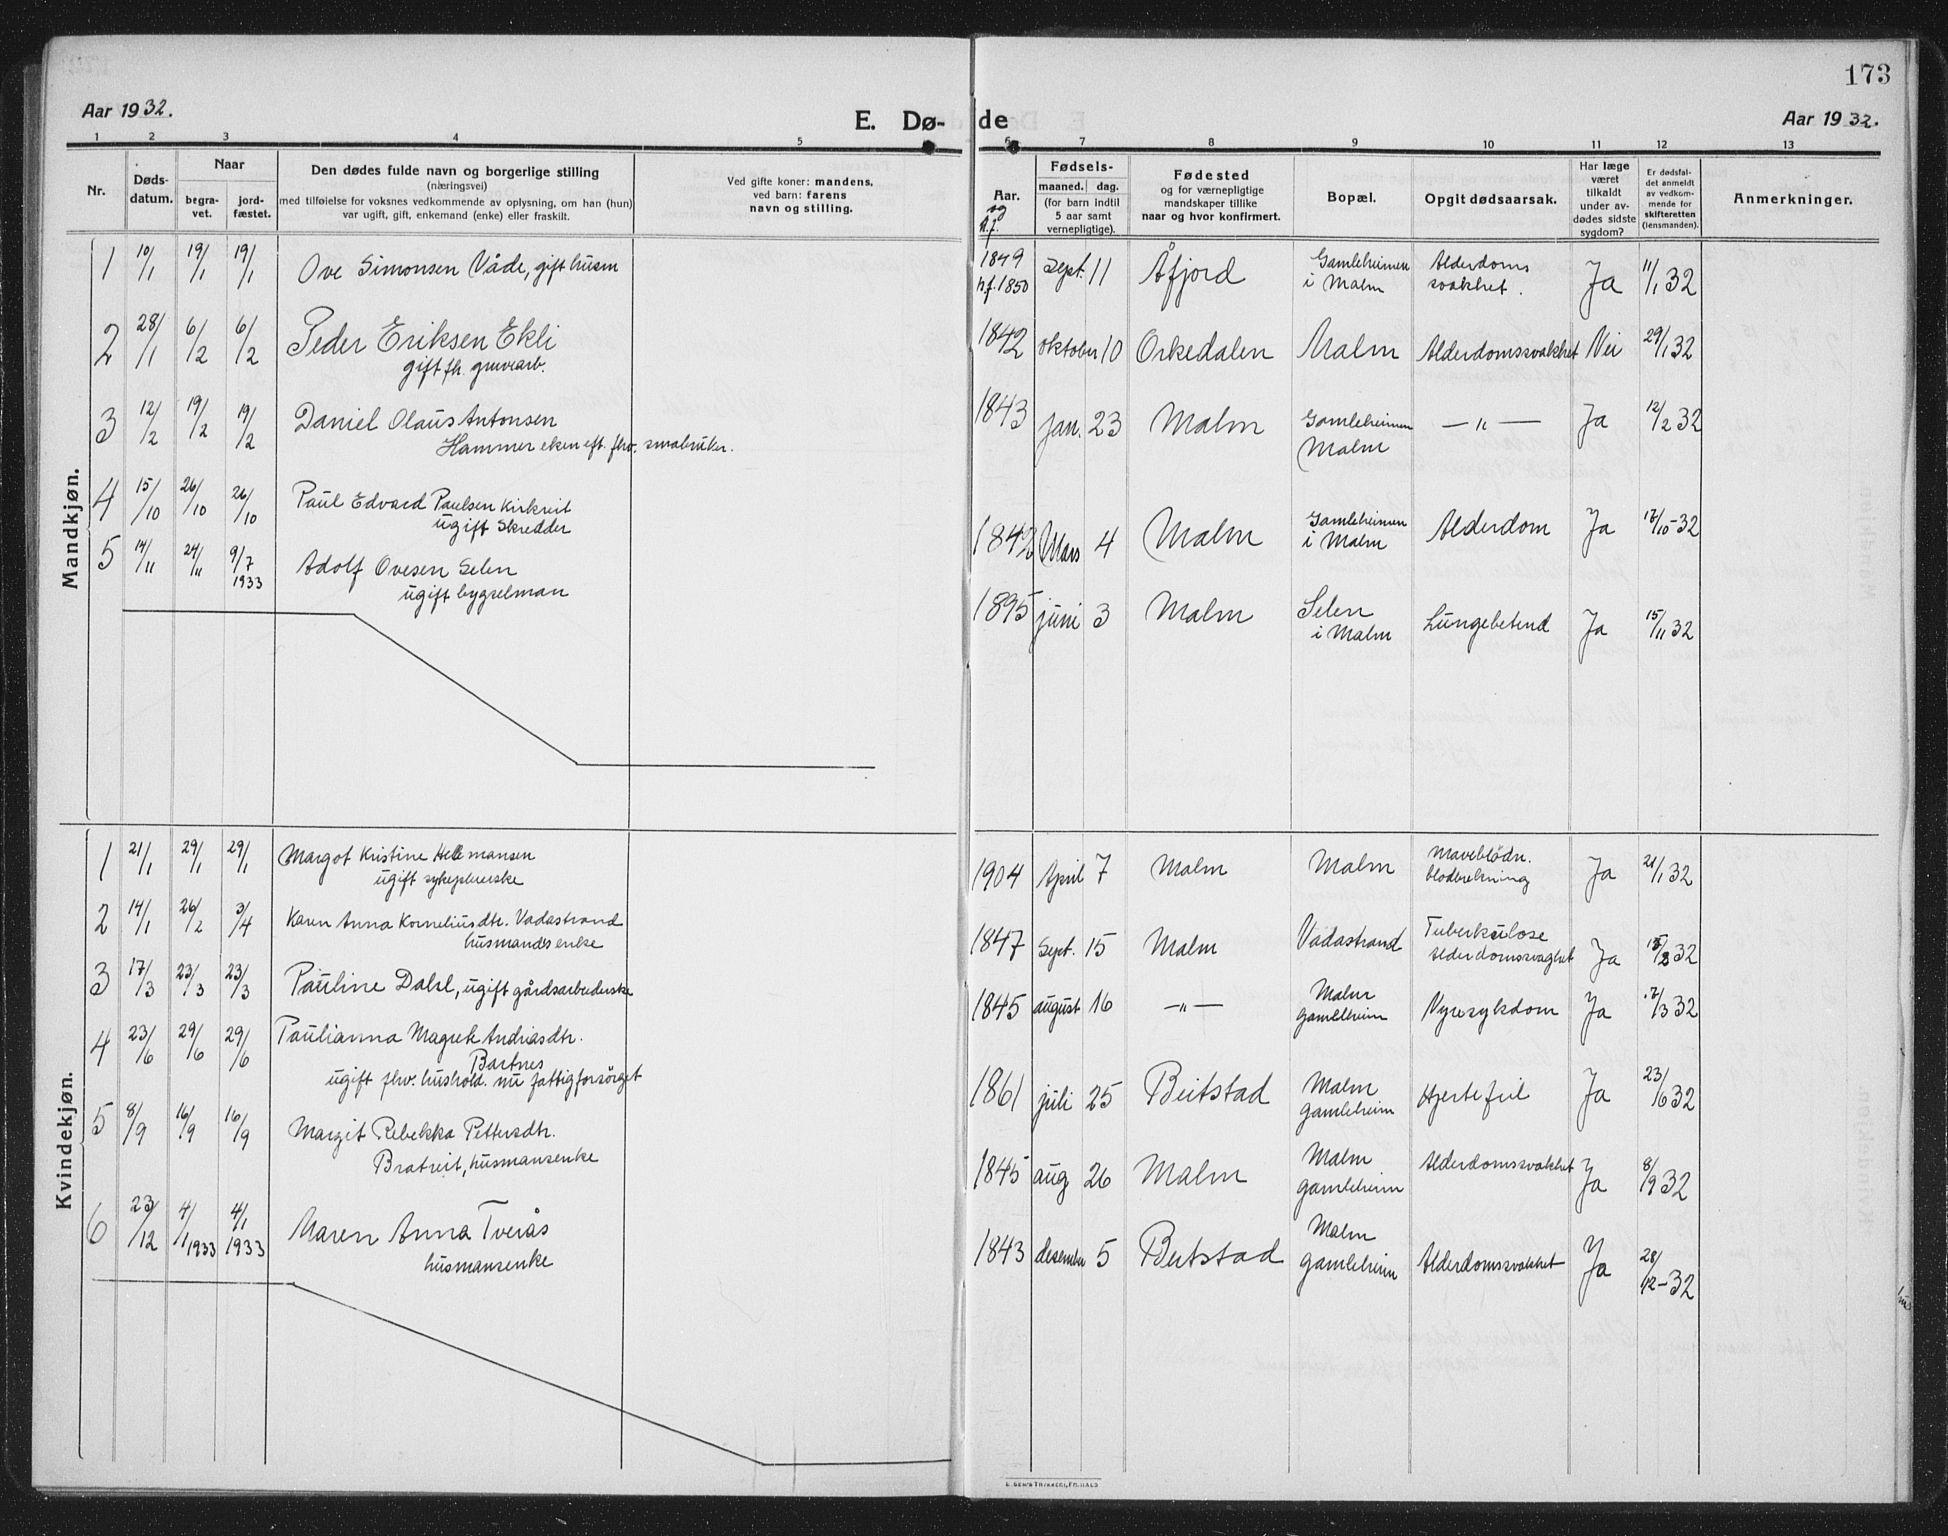 SAT, Ministerialprotokoller, klokkerbøker og fødselsregistre - Nord-Trøndelag, 745/L0434: Klokkerbok nr. 745C03, 1914-1937, s. 173